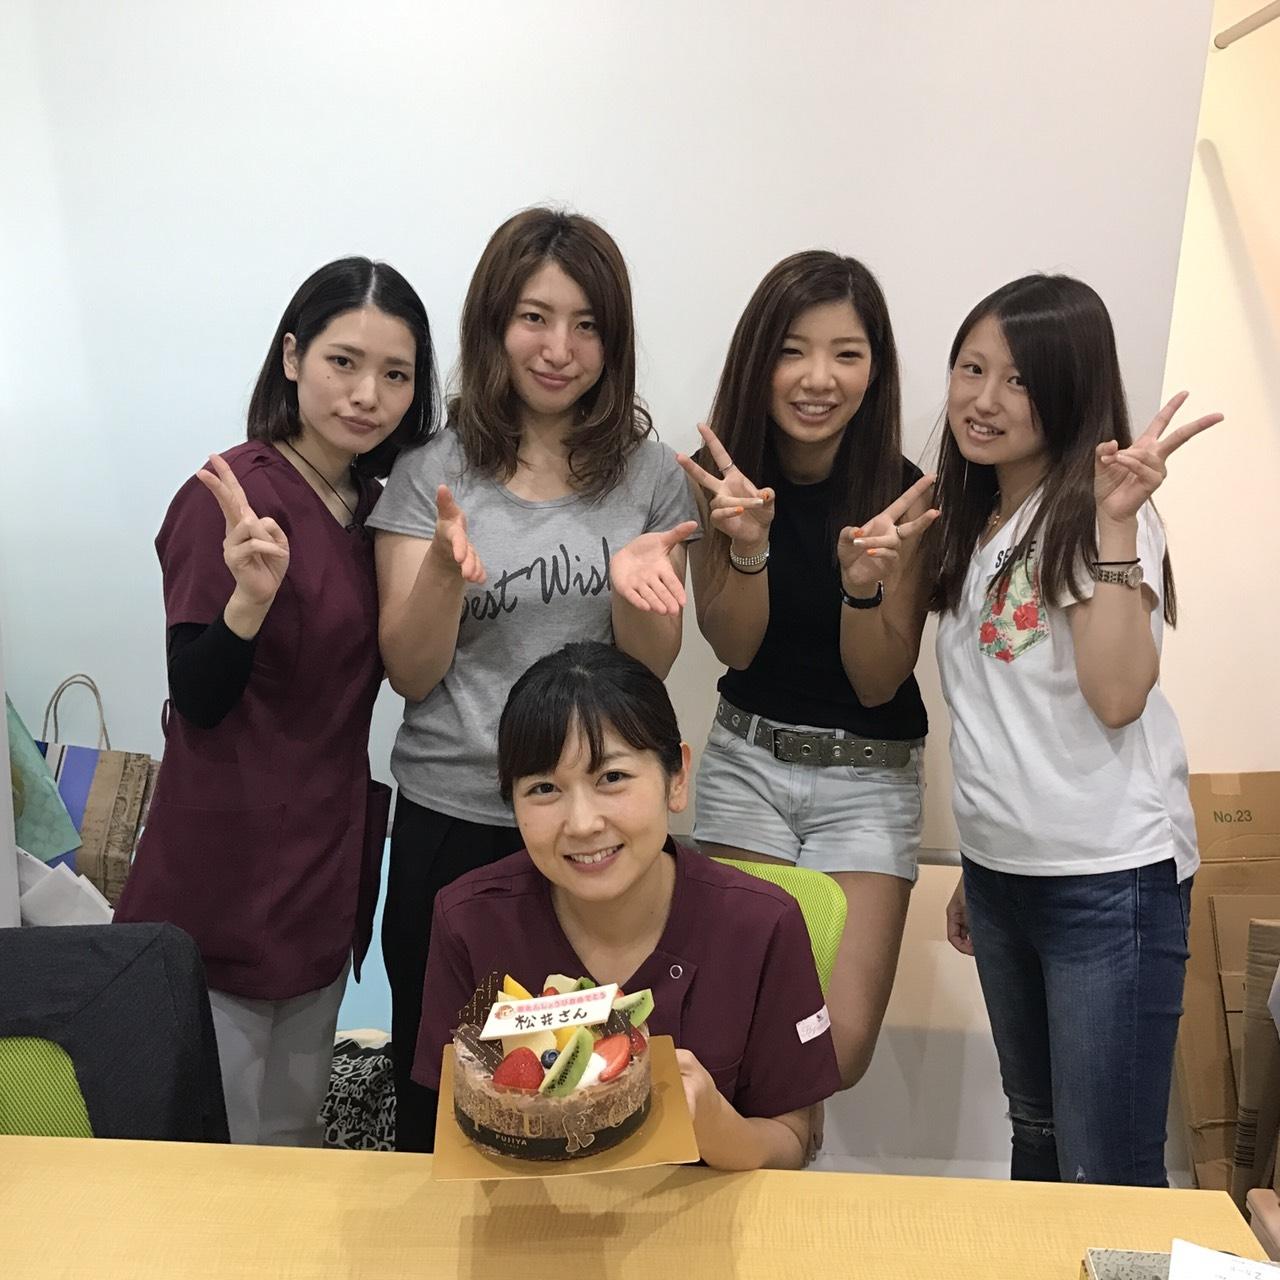 松井 誕生日